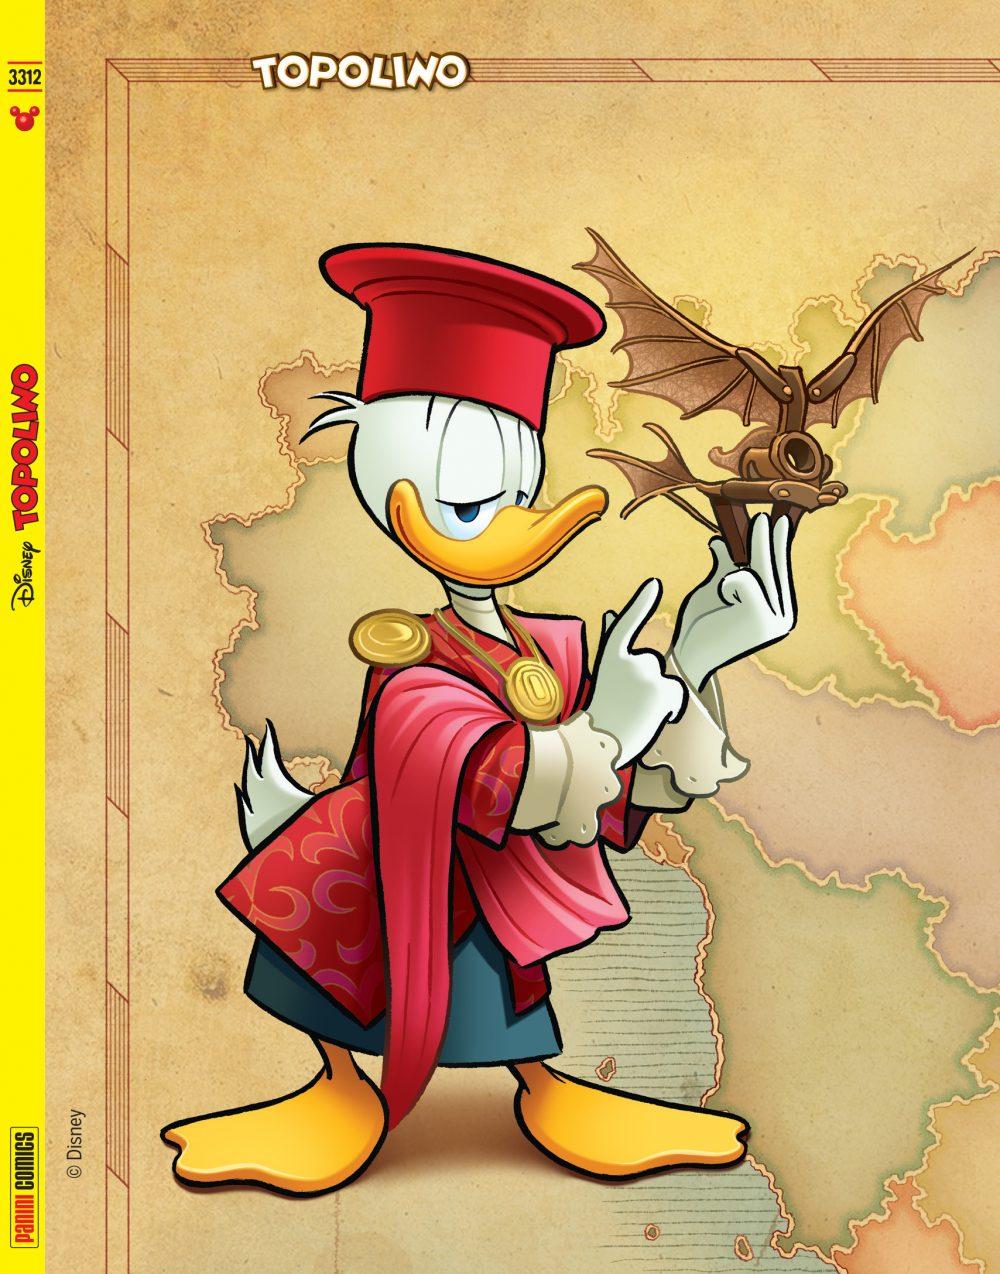 Topolino 3312, copertina puzzle